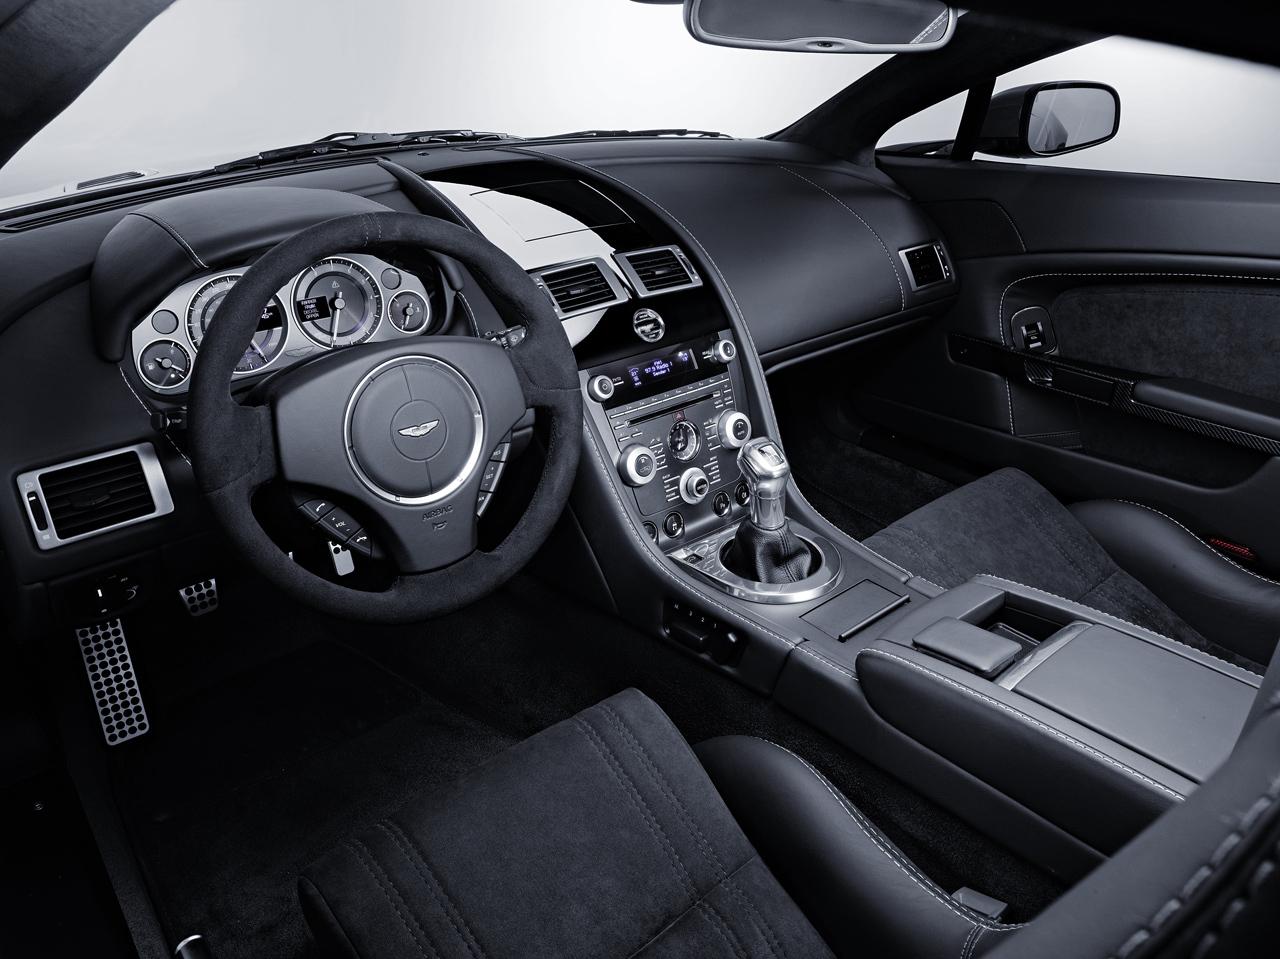 Car Specification: Aston Martin V8 Vantage N400 Sportshift